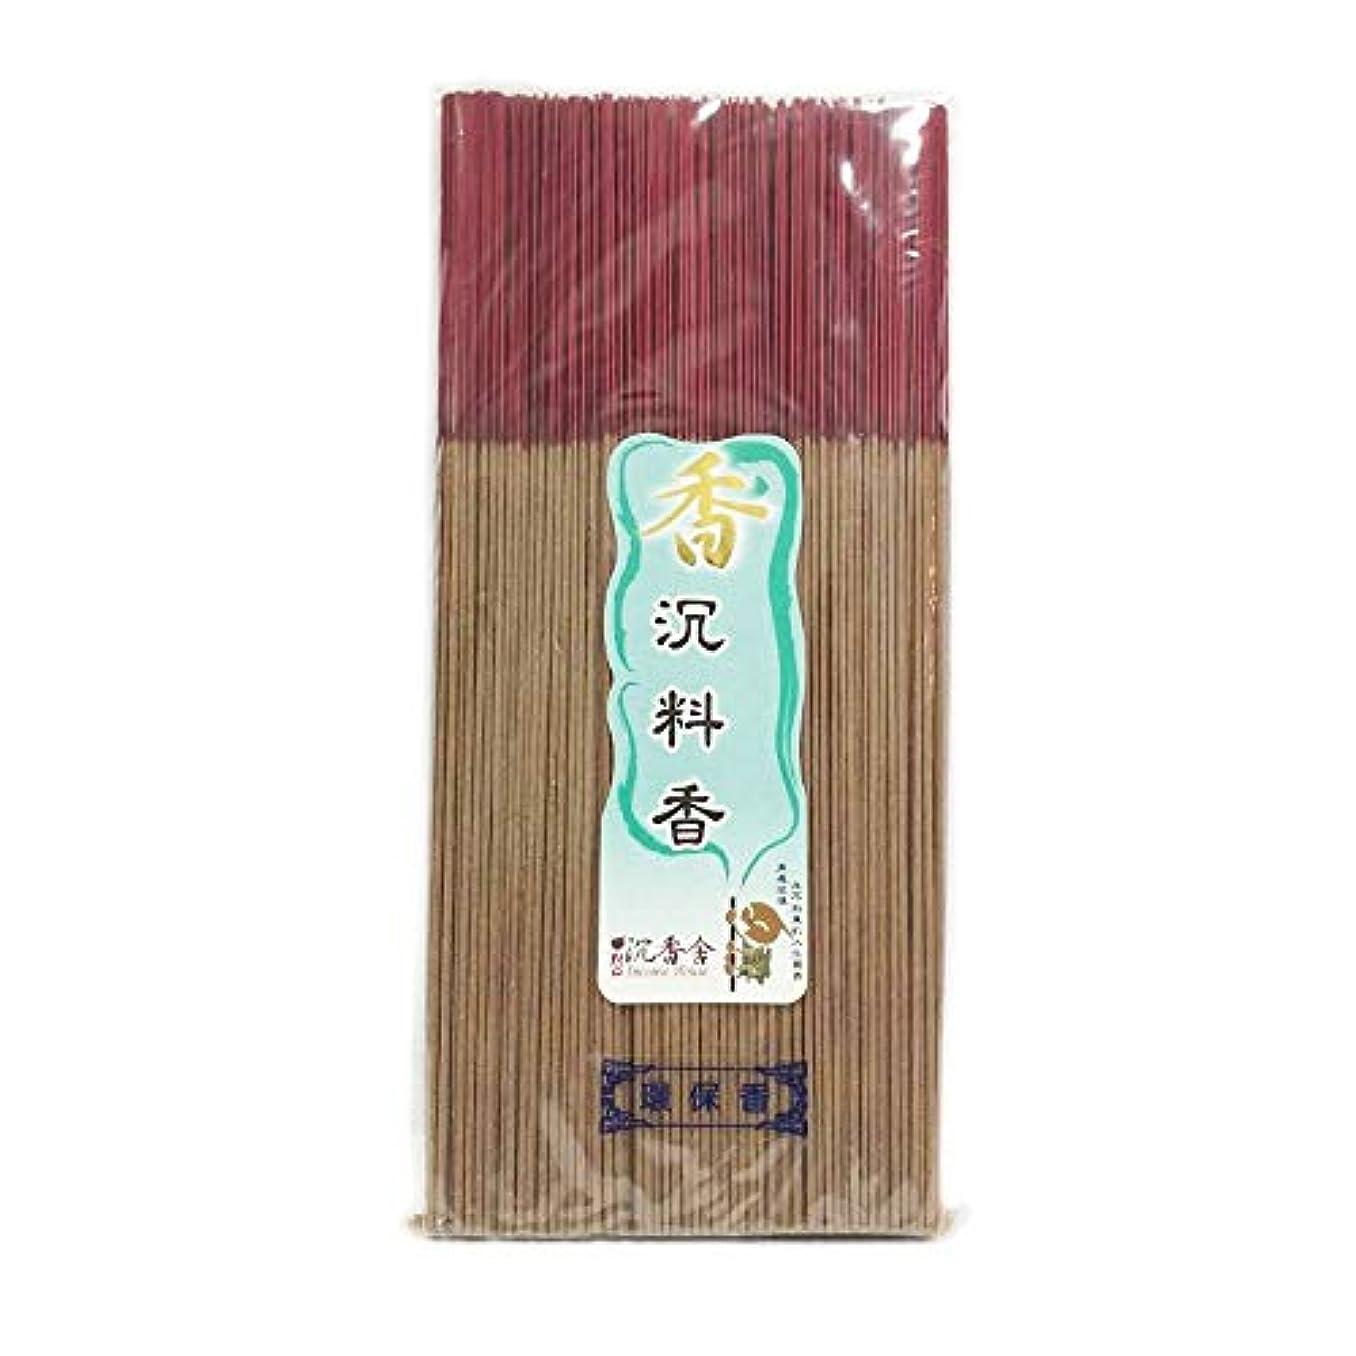 プレビューシロクマミリメートル伝統的 中国風 薬味 ジョス お香スティック 300g 台湾 お香 家 宗教的 仏陀用 約400本 30cm